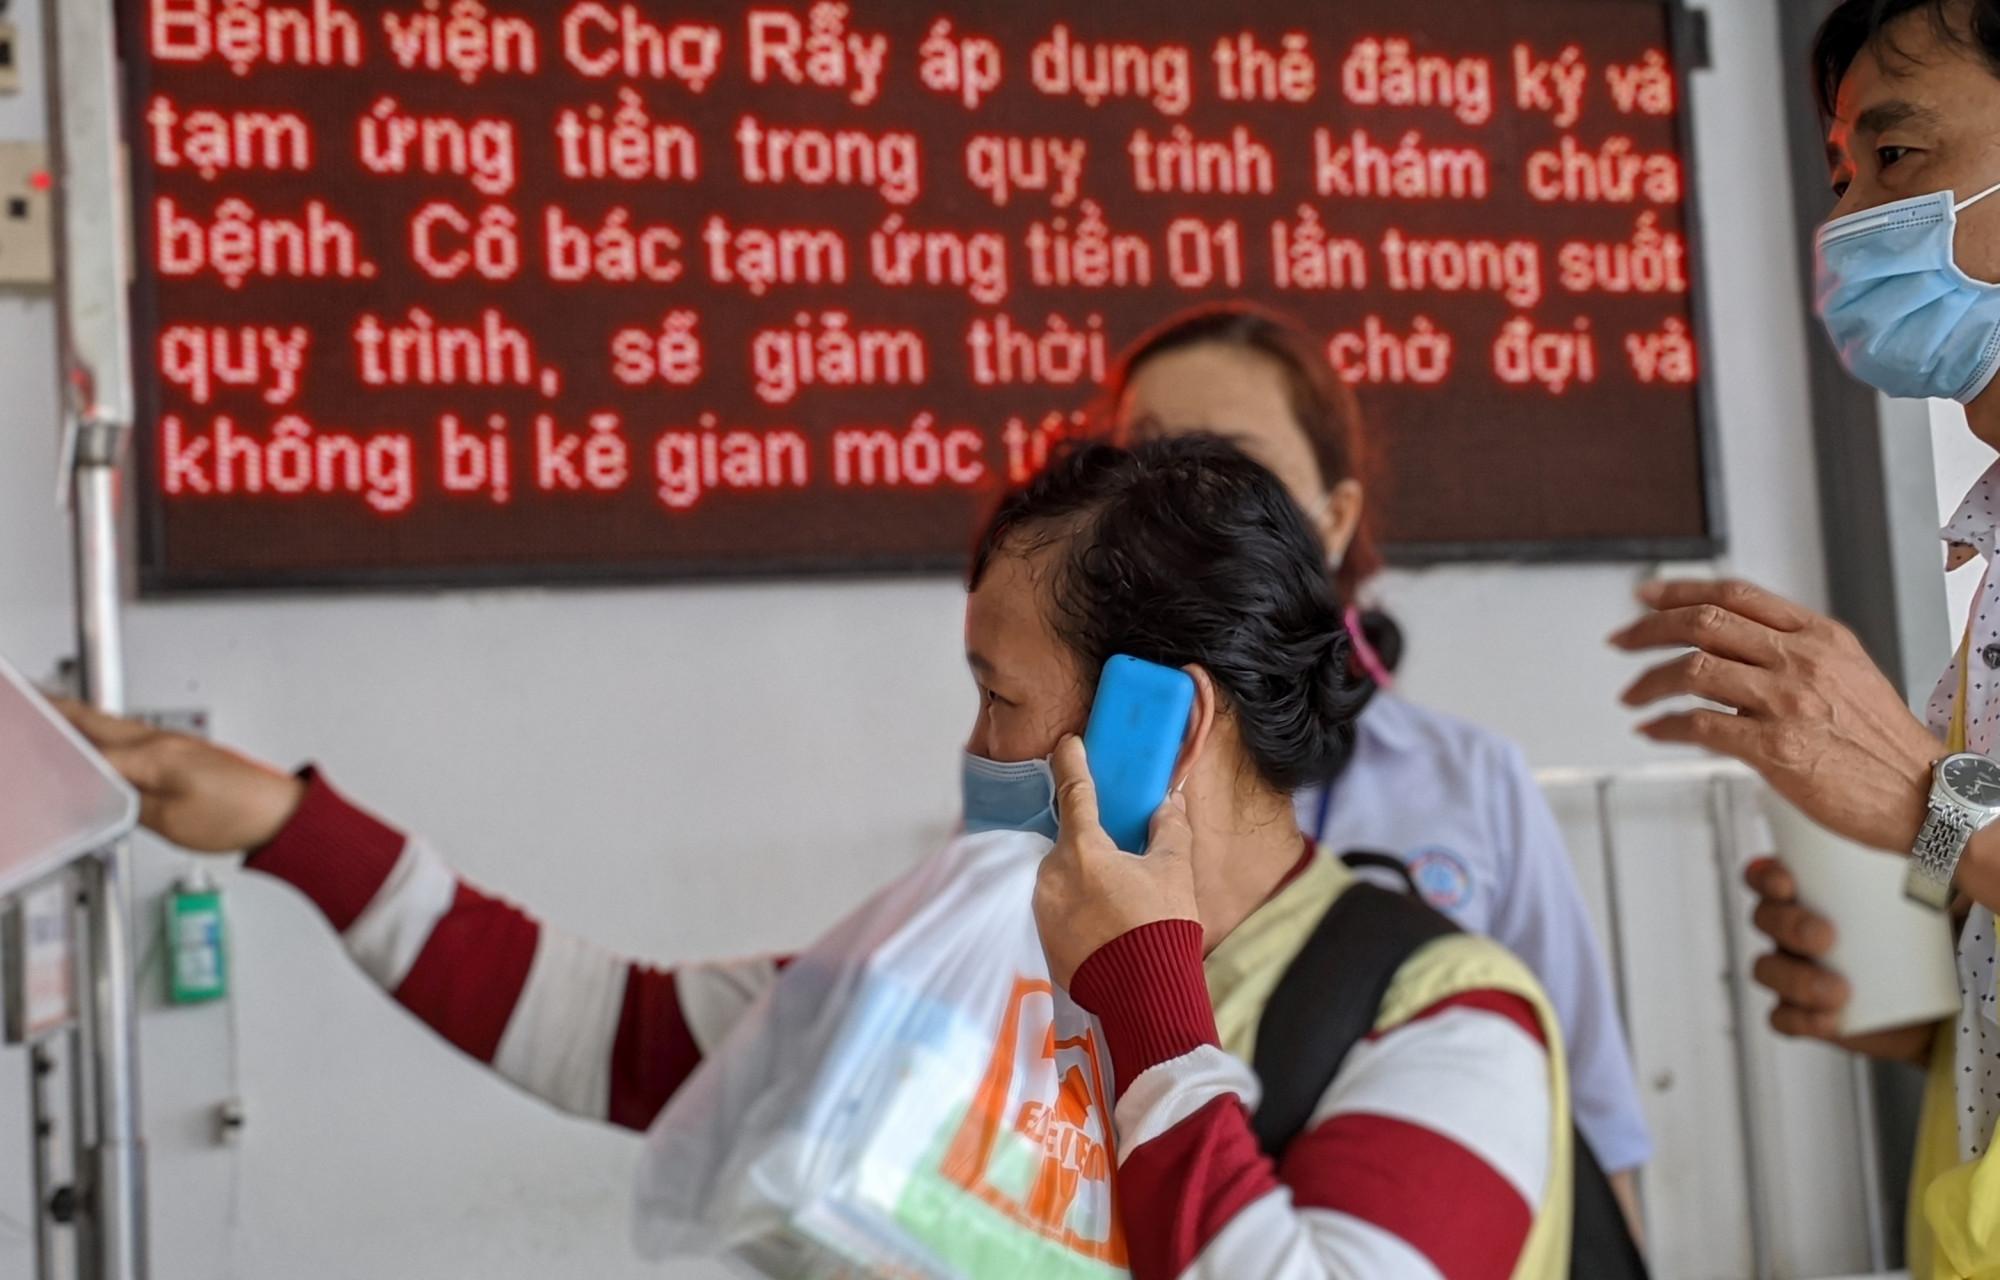 Thân nhân bệnh nhân tại Bệnh viện Chợ Rẫy. Ảnh: Hiếu Nguyễn